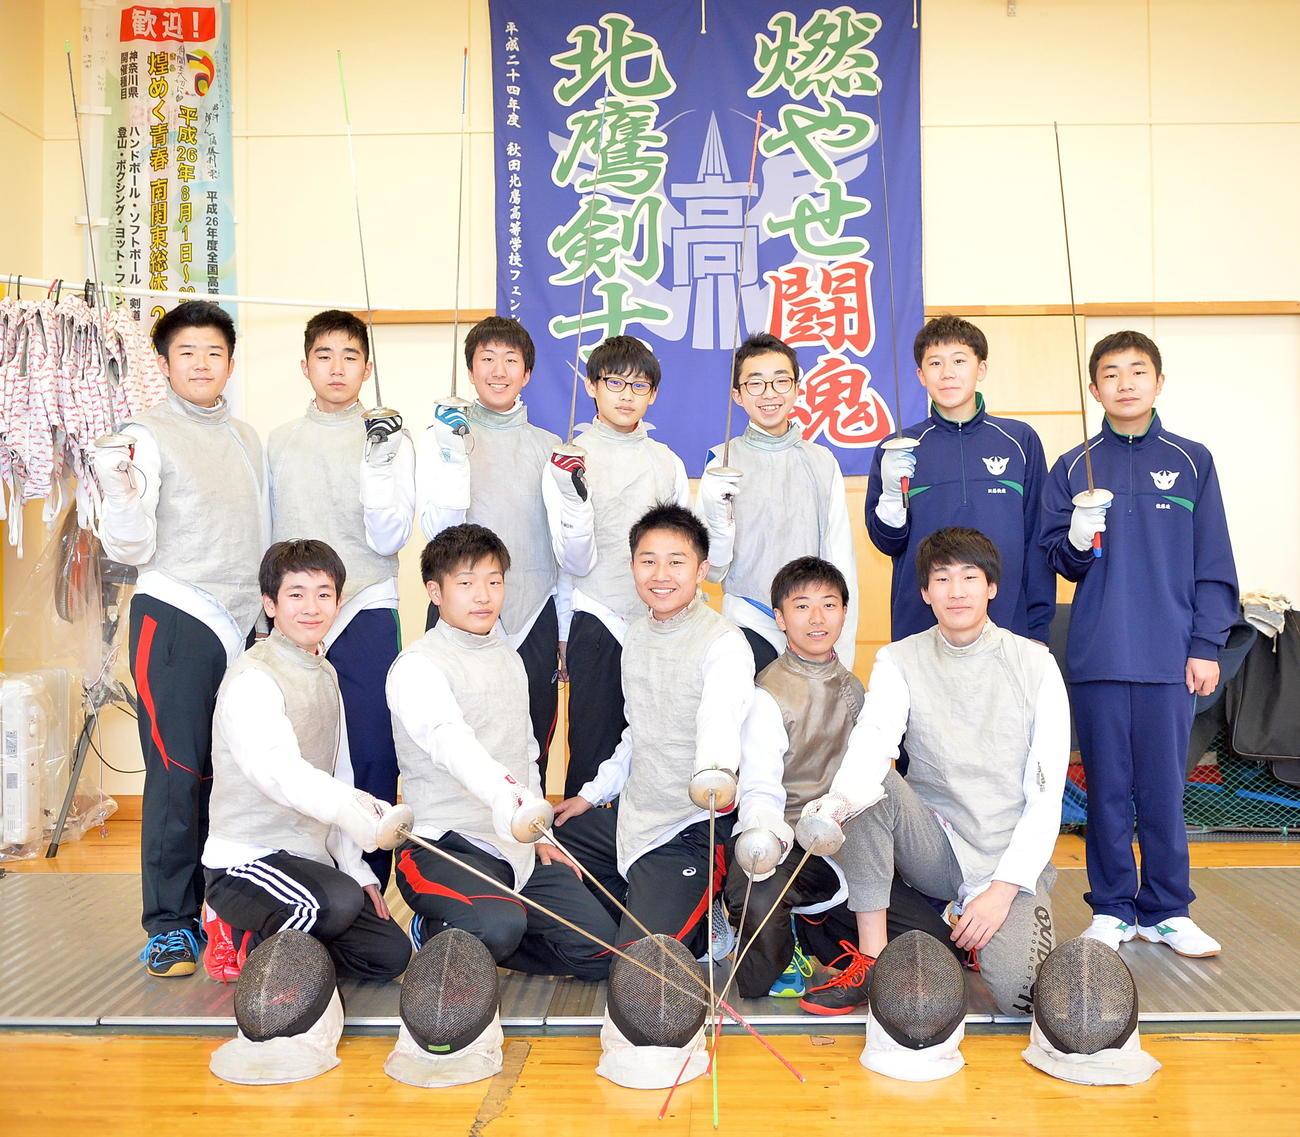 全国上位進出に向けて再発進した秋田北鷹男子フェンシング部の選手たち(撮影・鎌田直秀)